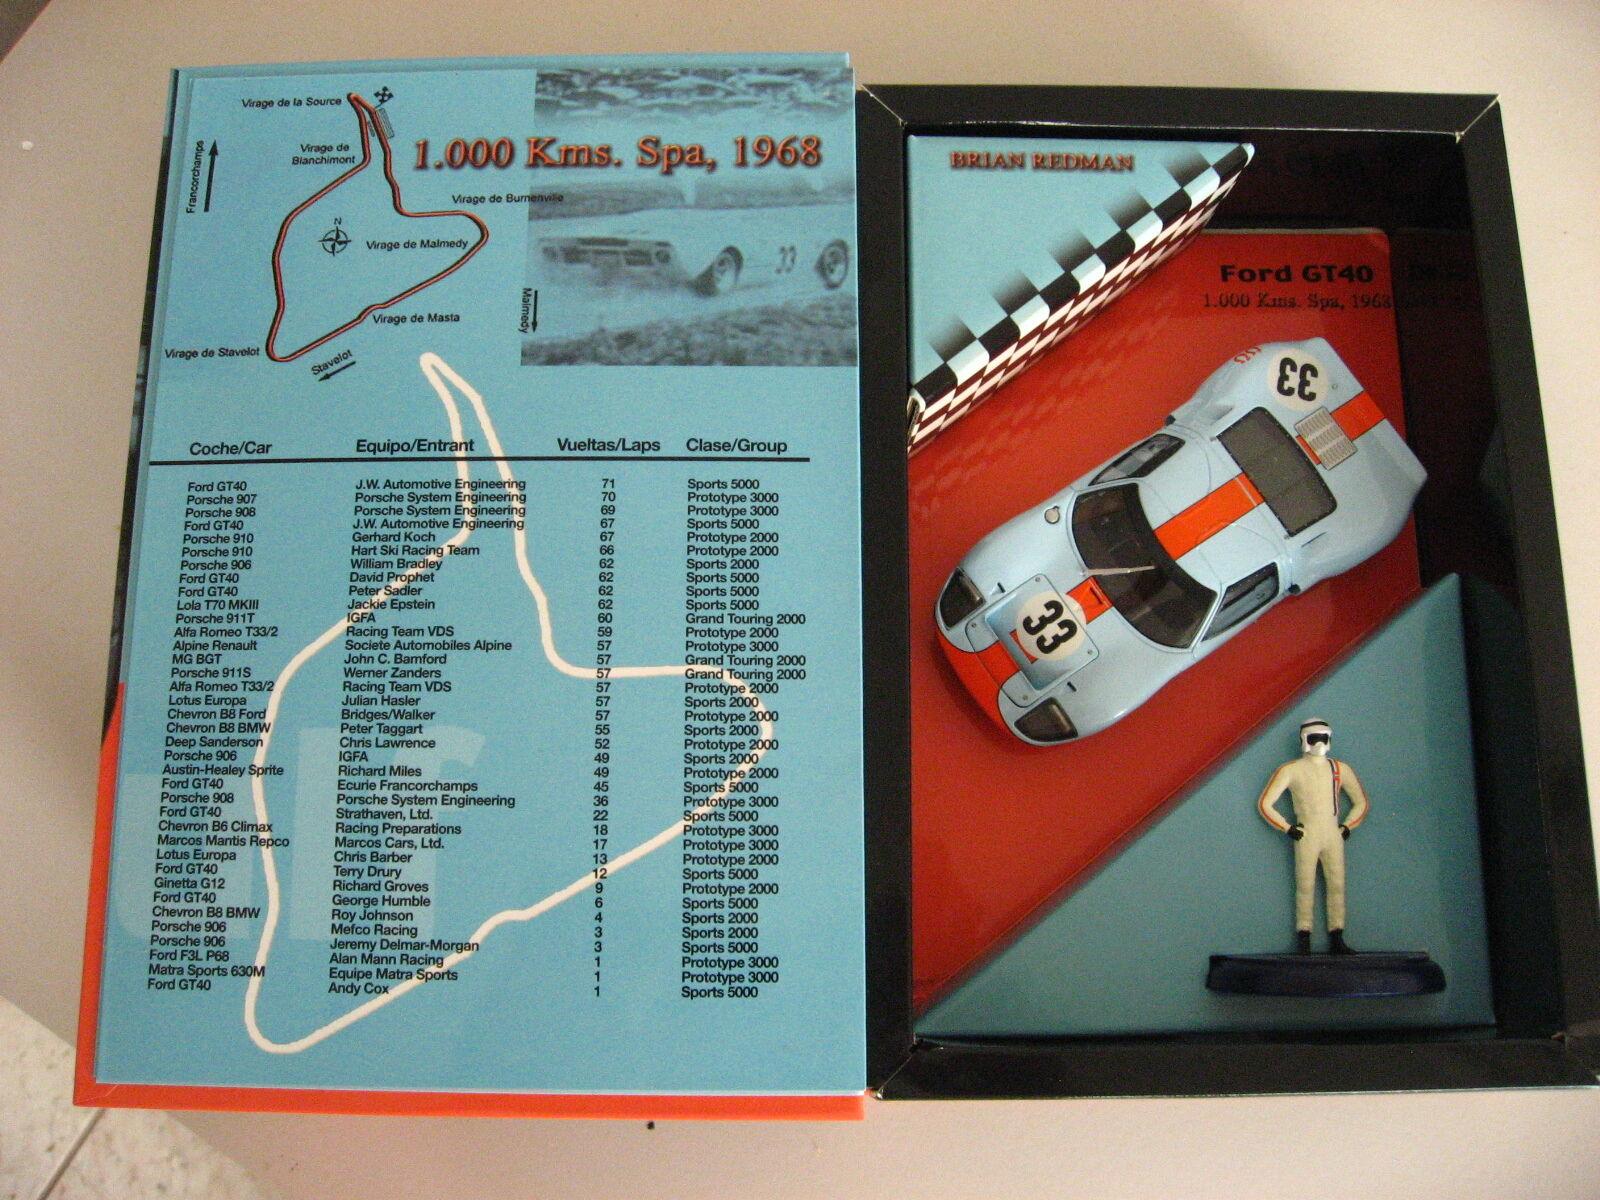 Fly slot car FORD Gulf GT 40 Brian rougeMAN Edition SPA 1968